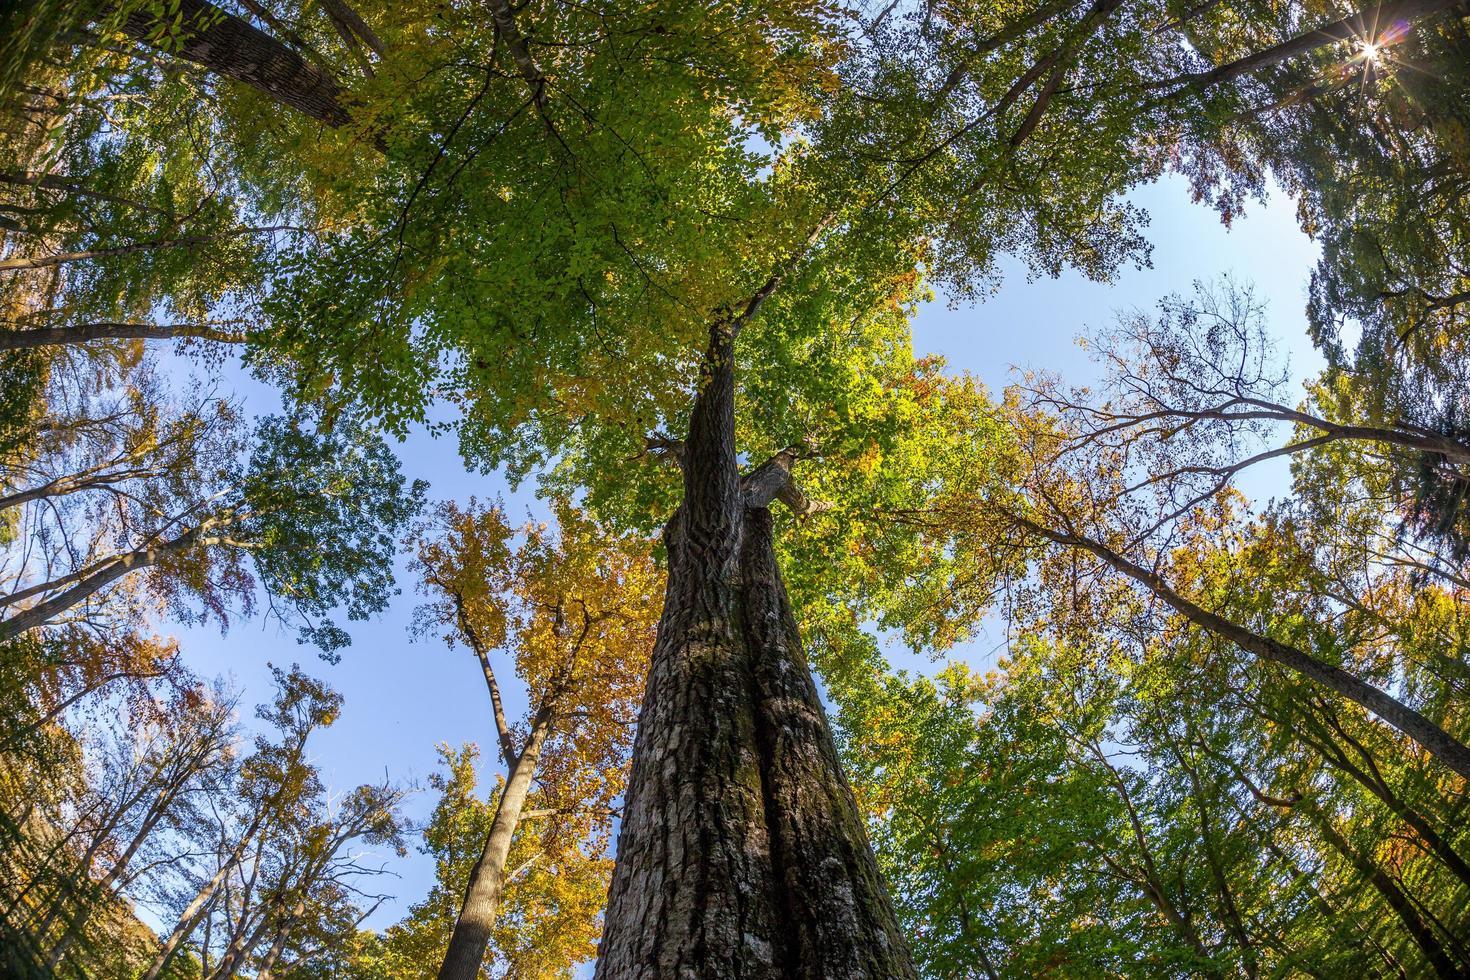 mirando los altos árboles de otoño foto